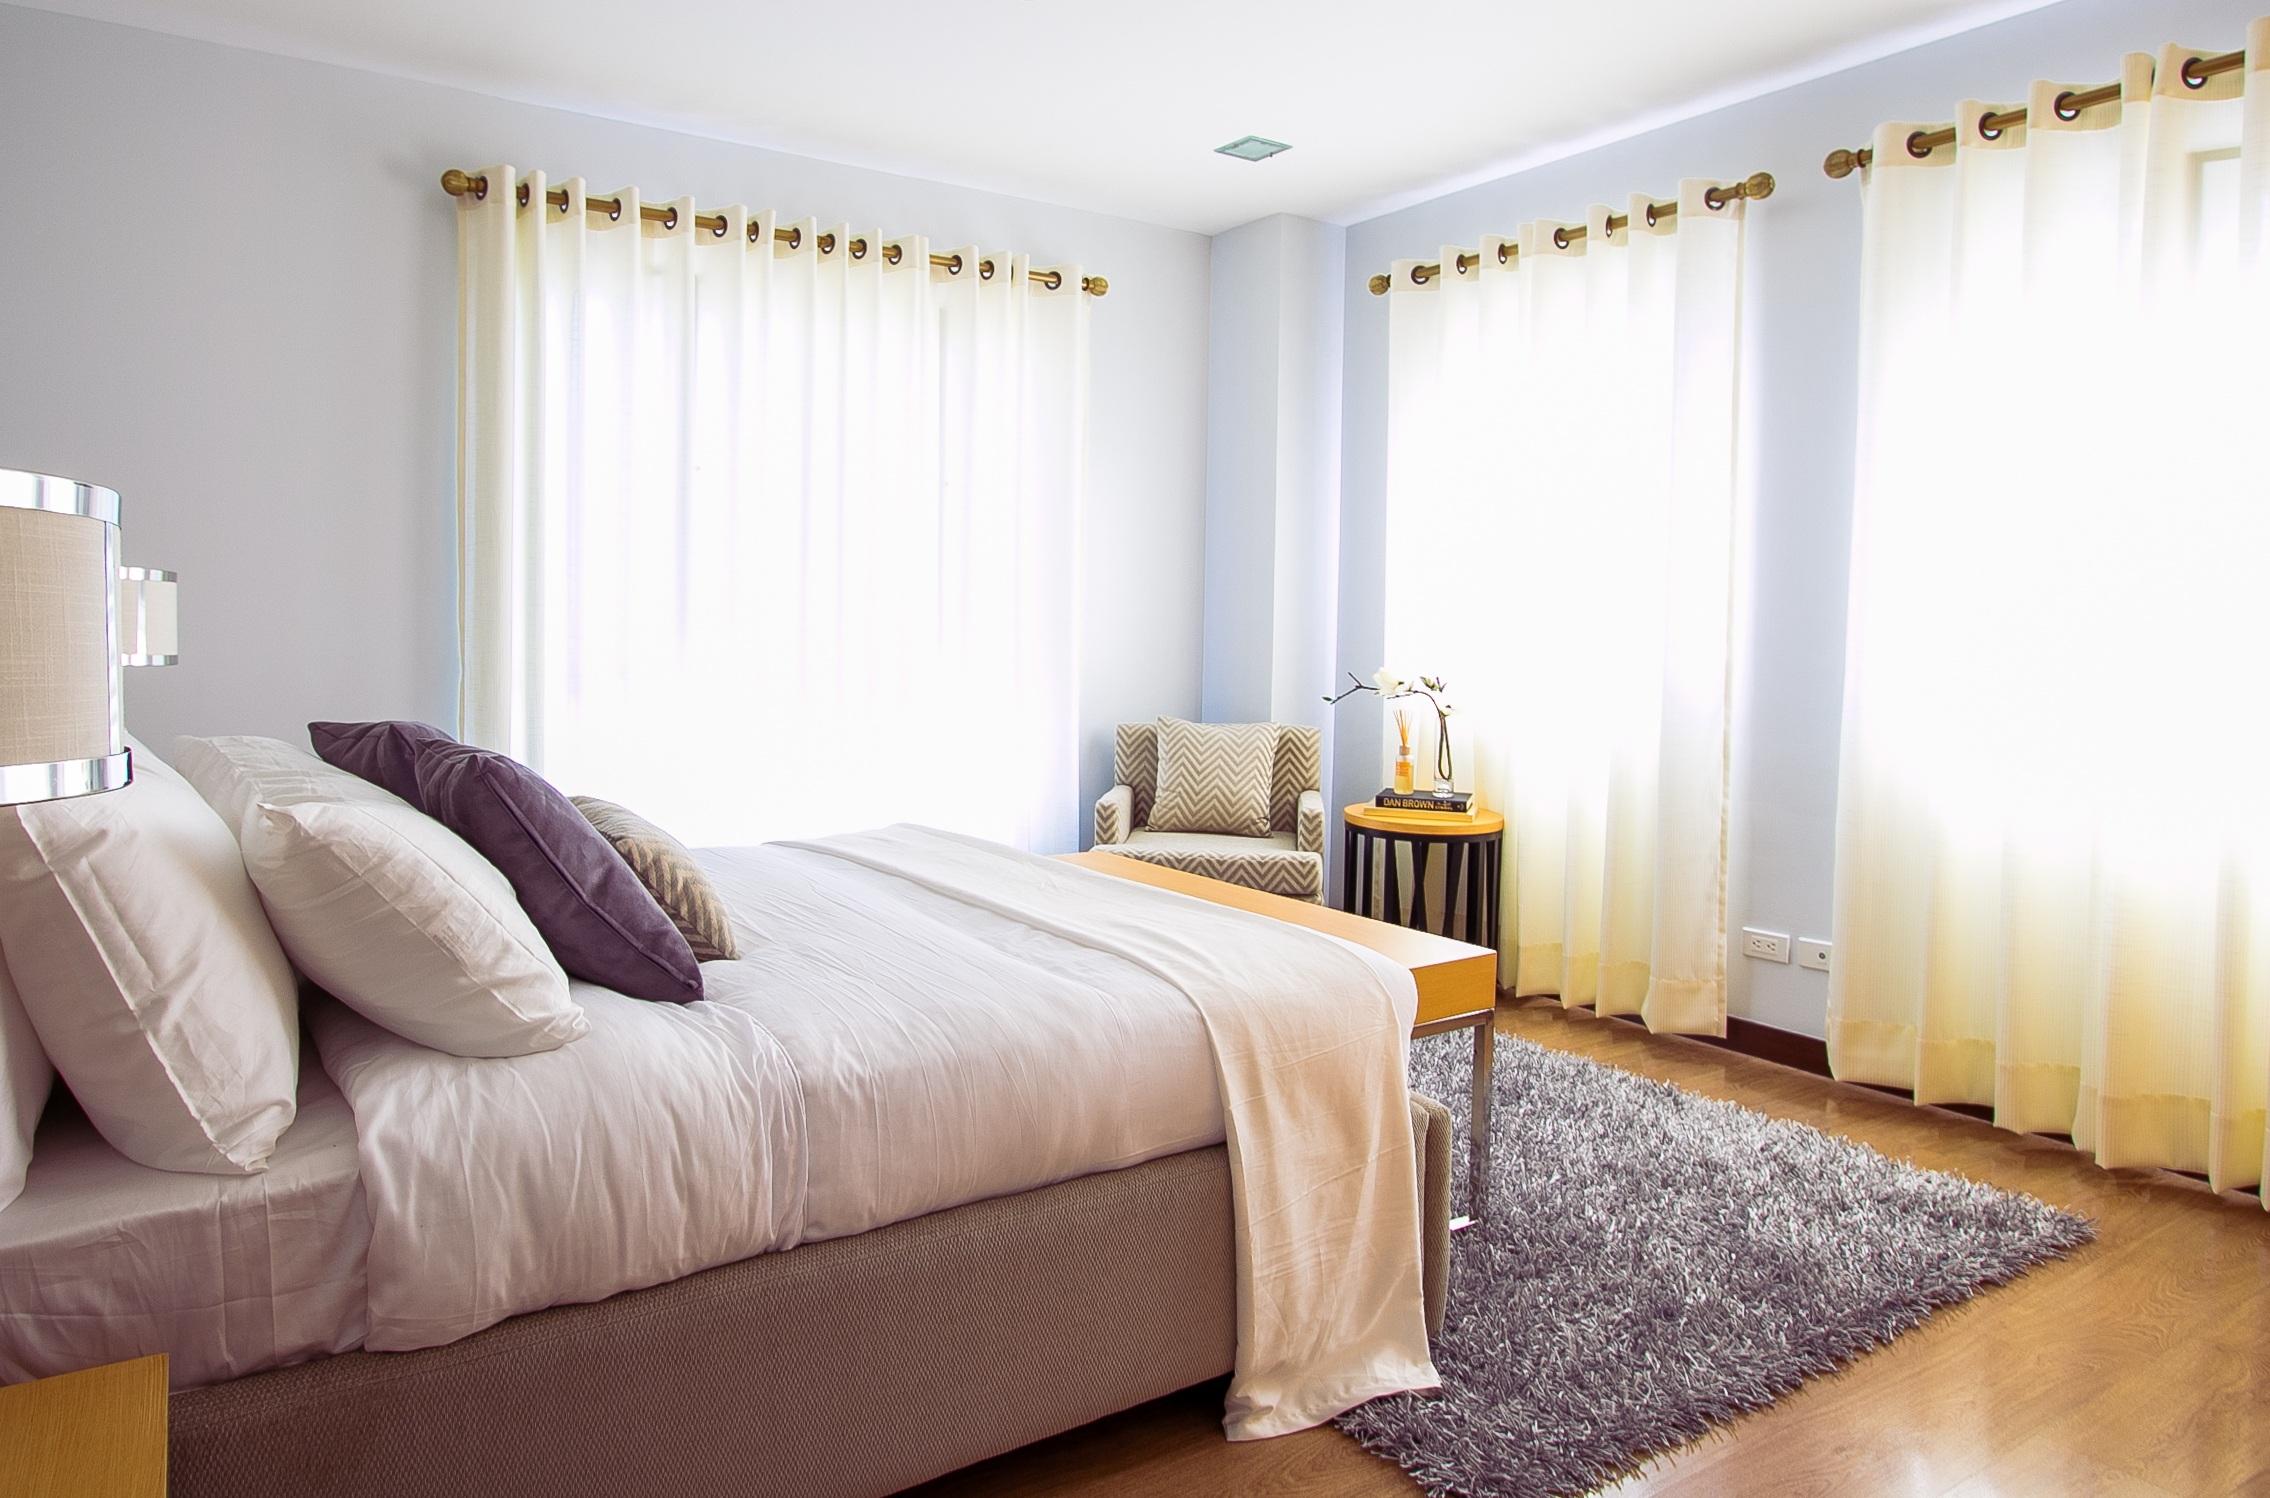 Gambar Meja Plafon Tirai Milik Ruang Keluarga Kamar Tidur